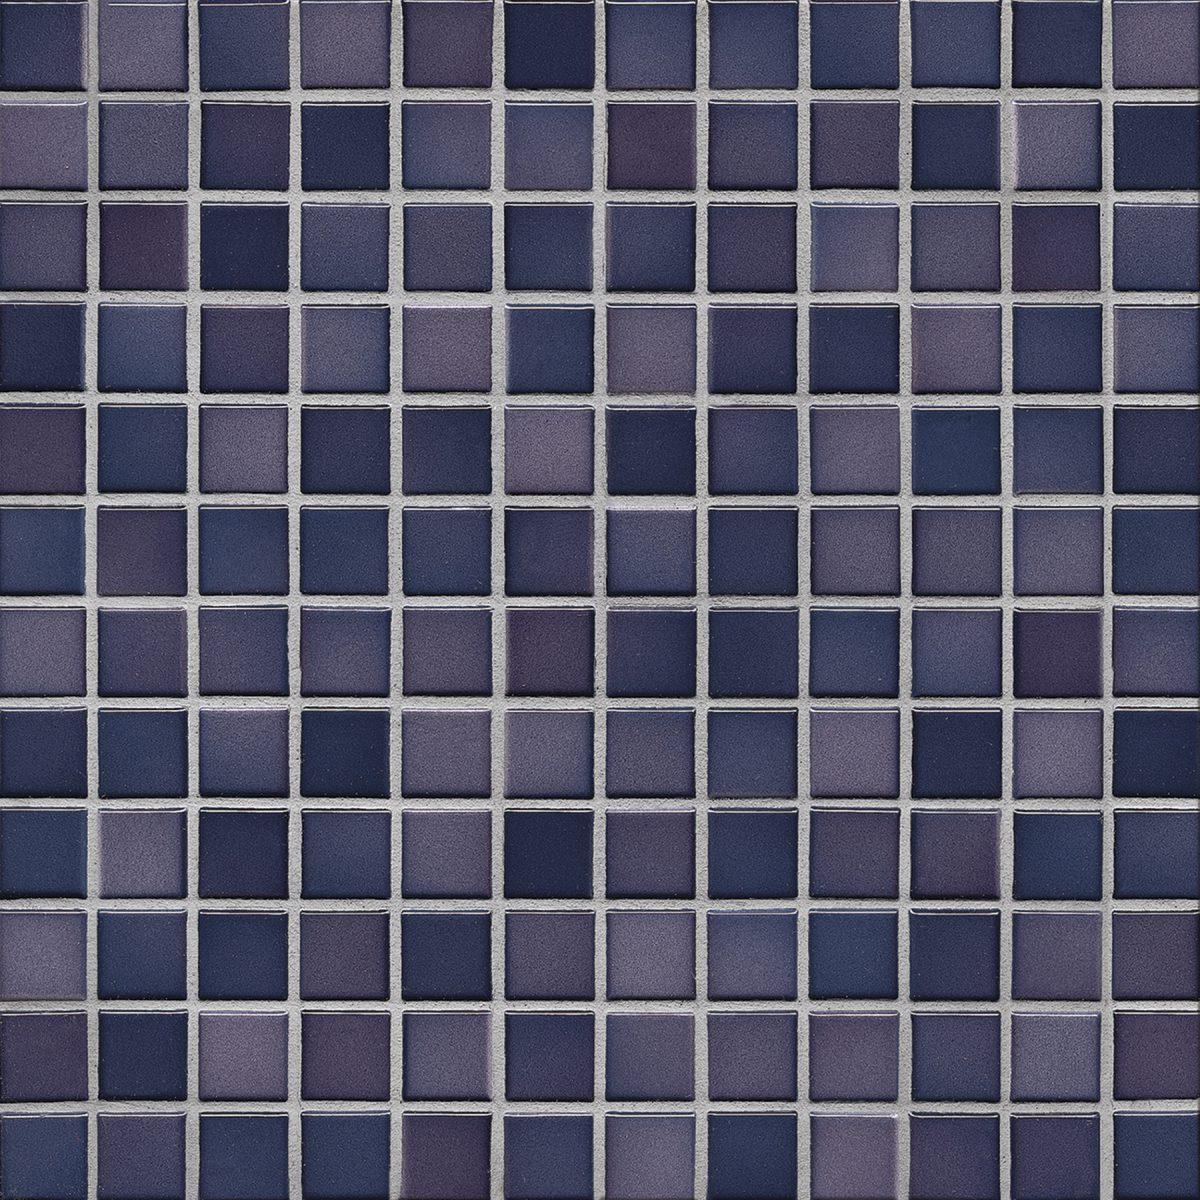 Мозаика серия Fresh 2,4 X 2,4 см Vivid Violet Mix Glossy (глазурованная)